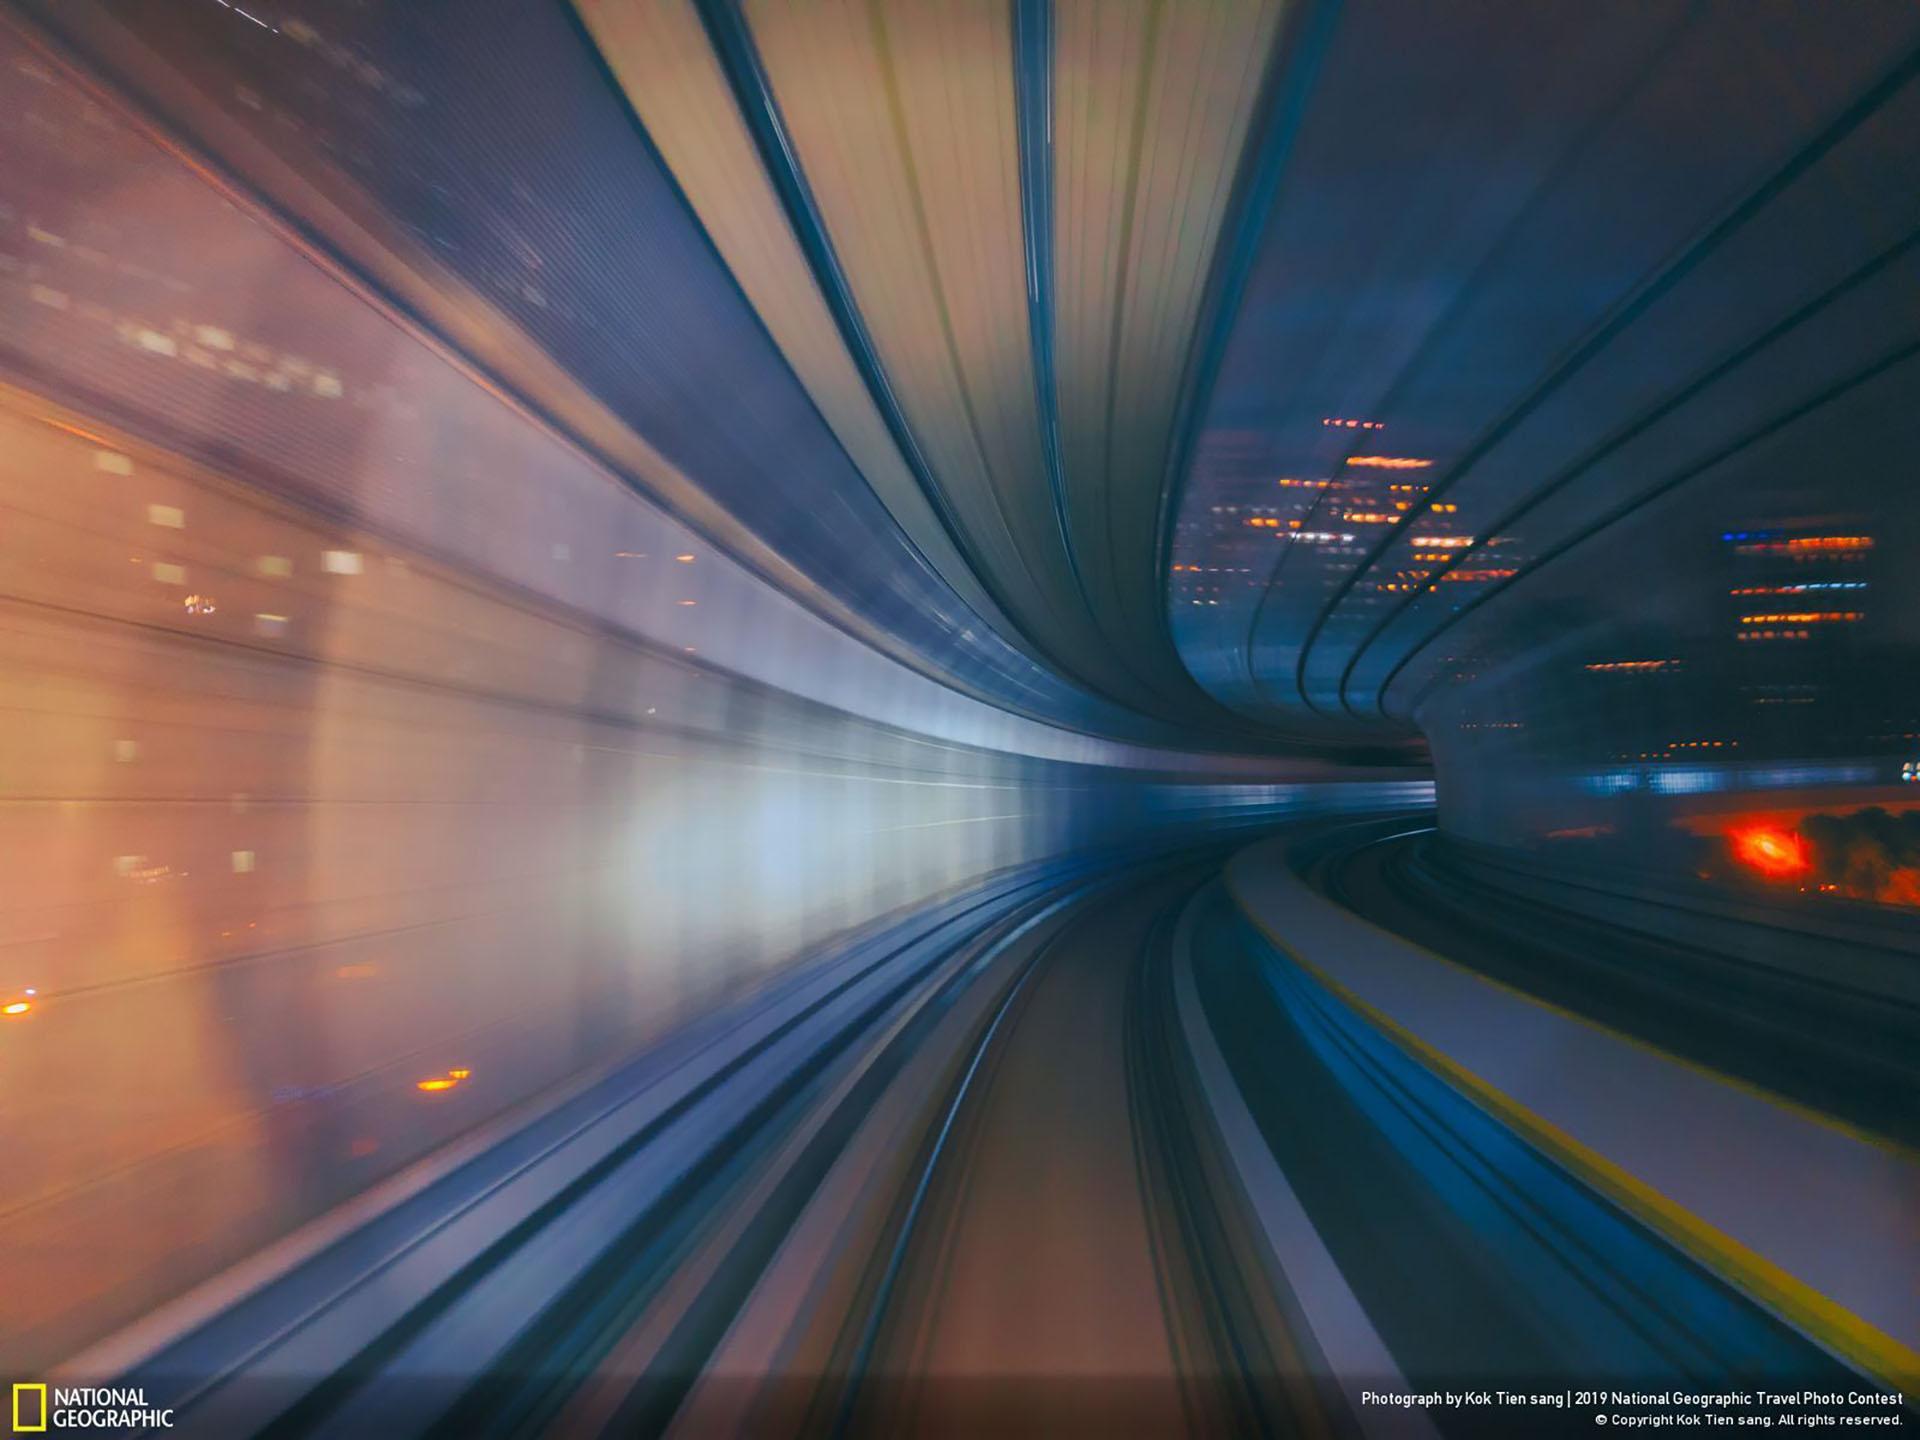 """""""Viaje en el tiempo"""", por Kok Tien Sang: """"Usando mi teléfono para capturar el movimiento del tren cuando este pasa por un túnel. Siento que estoy viajando a través de un túnel del tiempo hacia otra dimensión"""". (""""Time Travel"""" / 2019 National Geographic Travel Photo Contest / Categoría: Ciudades / Ubicación: Kuala Lumpur, Malasia)"""